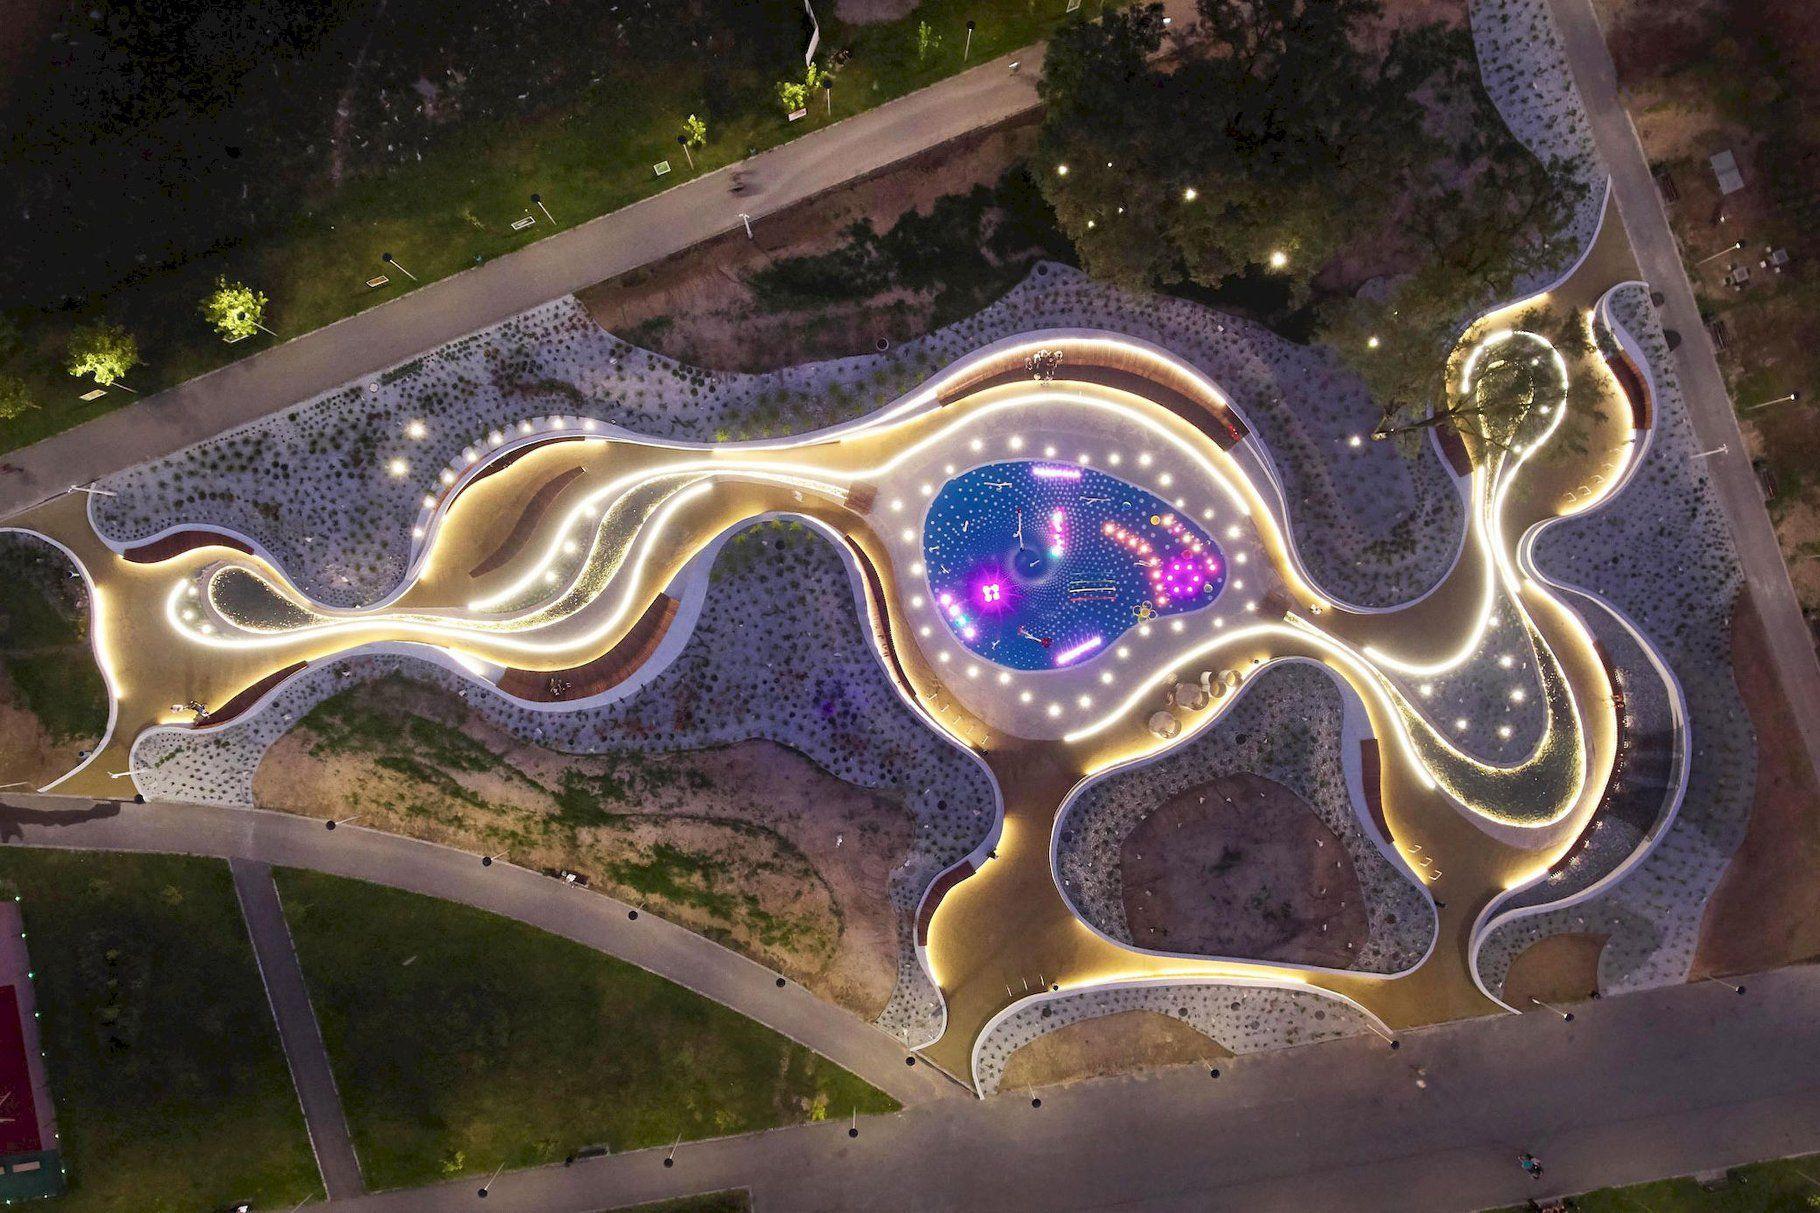 L A Inspo Image By Justerini Landscape Architecture